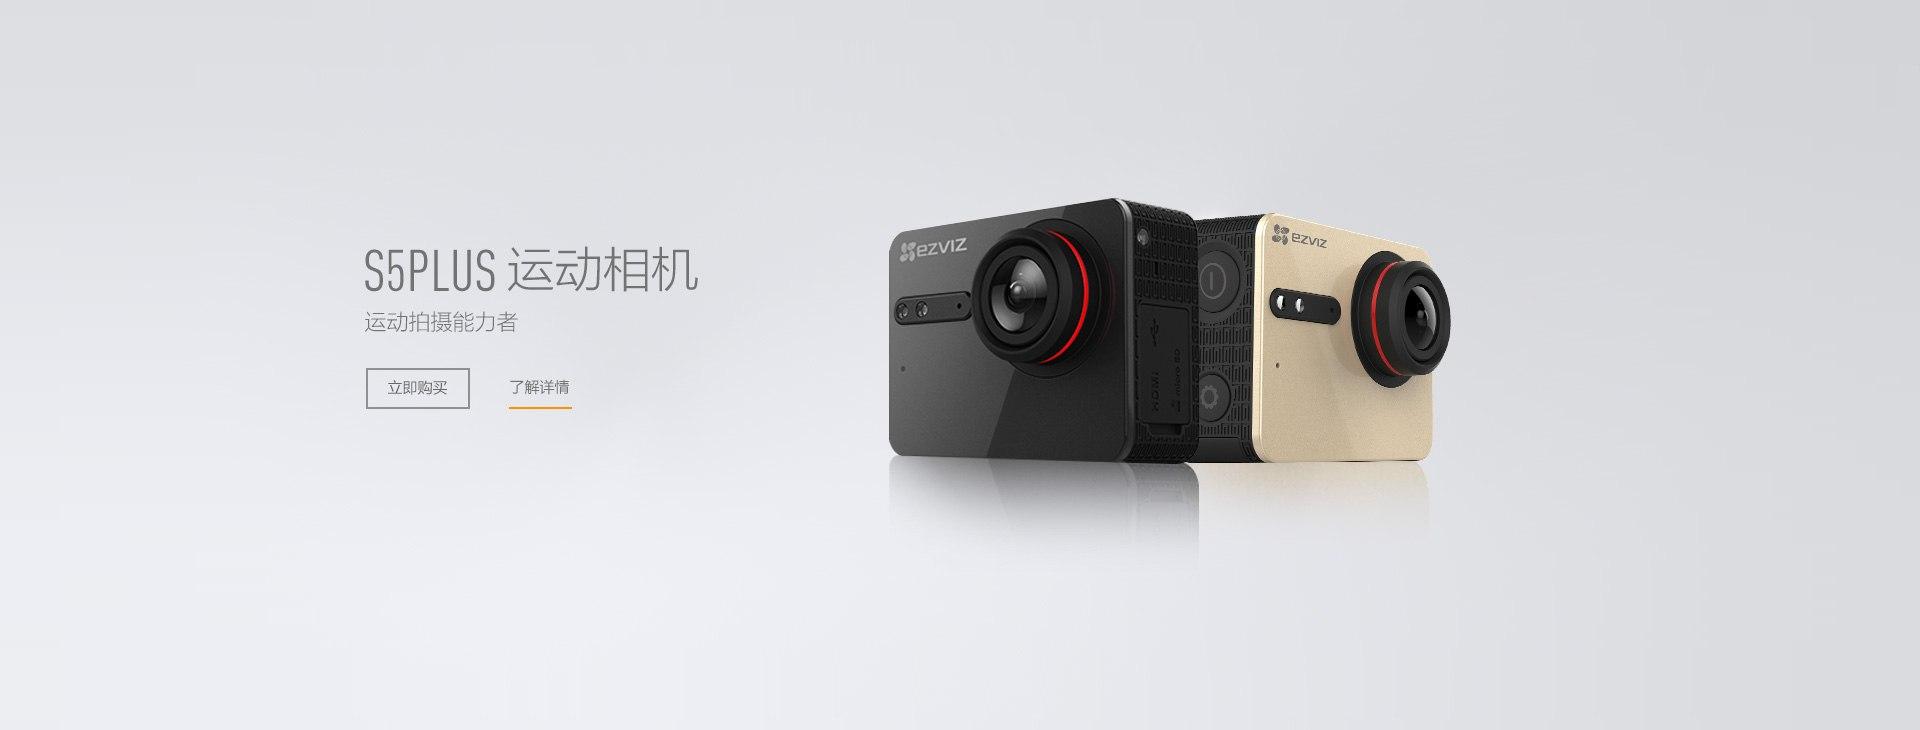 萤石运动相机-S5 PLUS